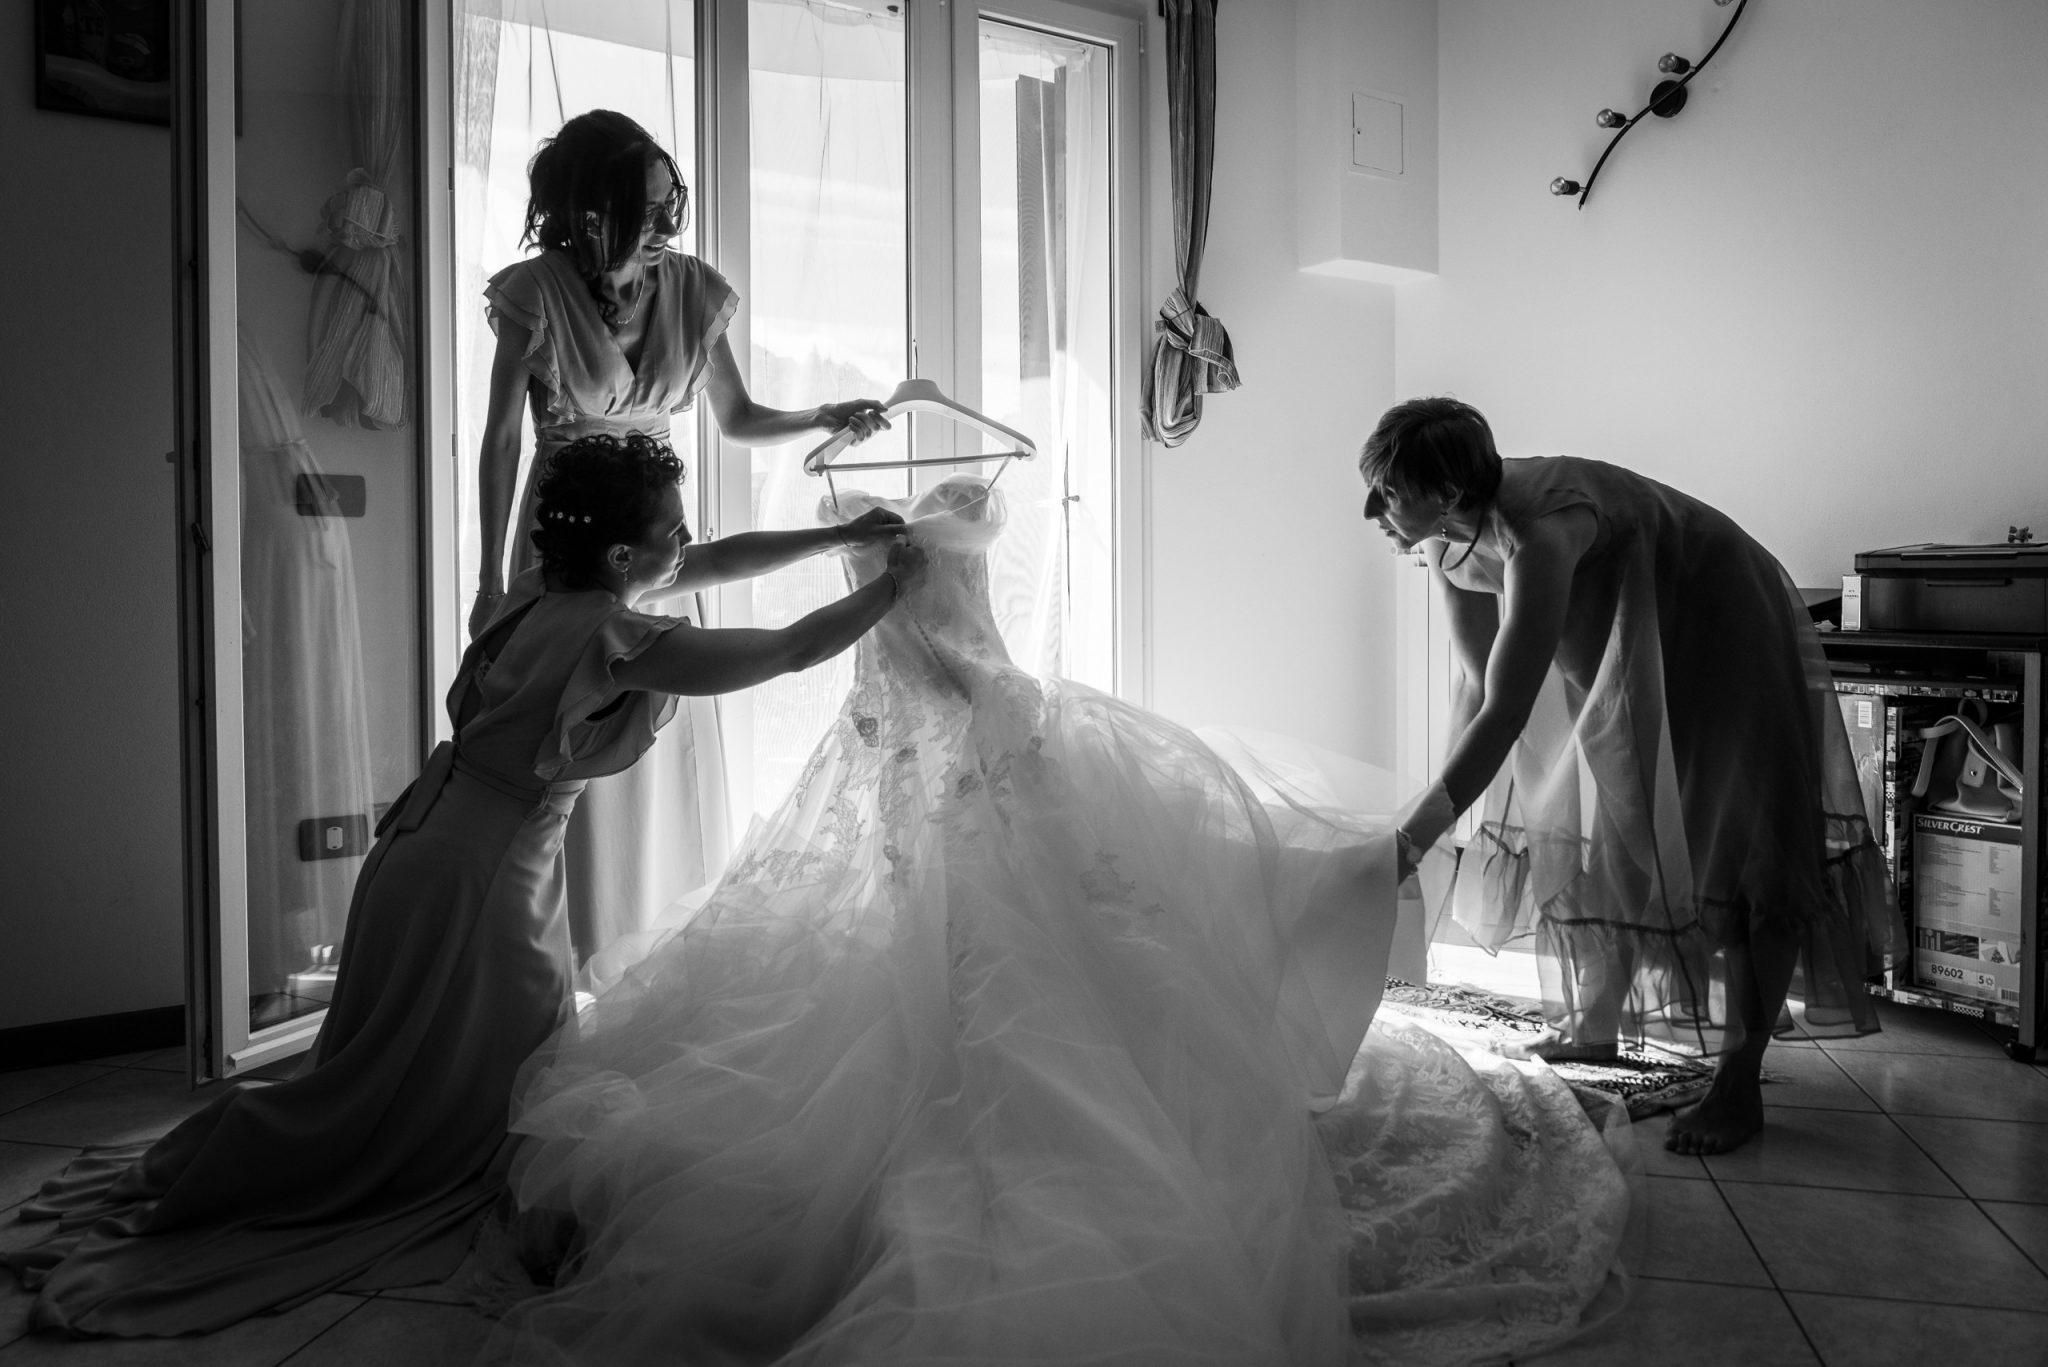 Damigelle preparano il vestito della sposa